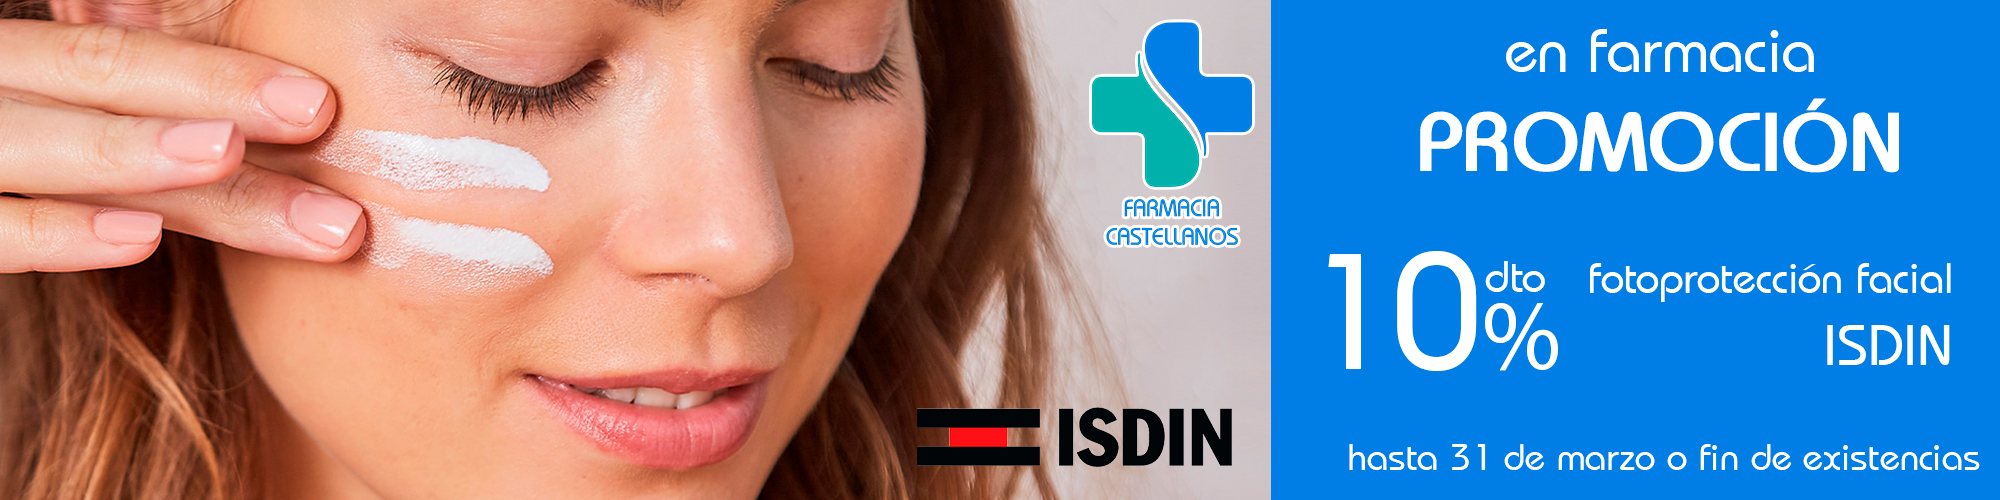 promomocion-isdin-farmaciabeatrizcastellanos